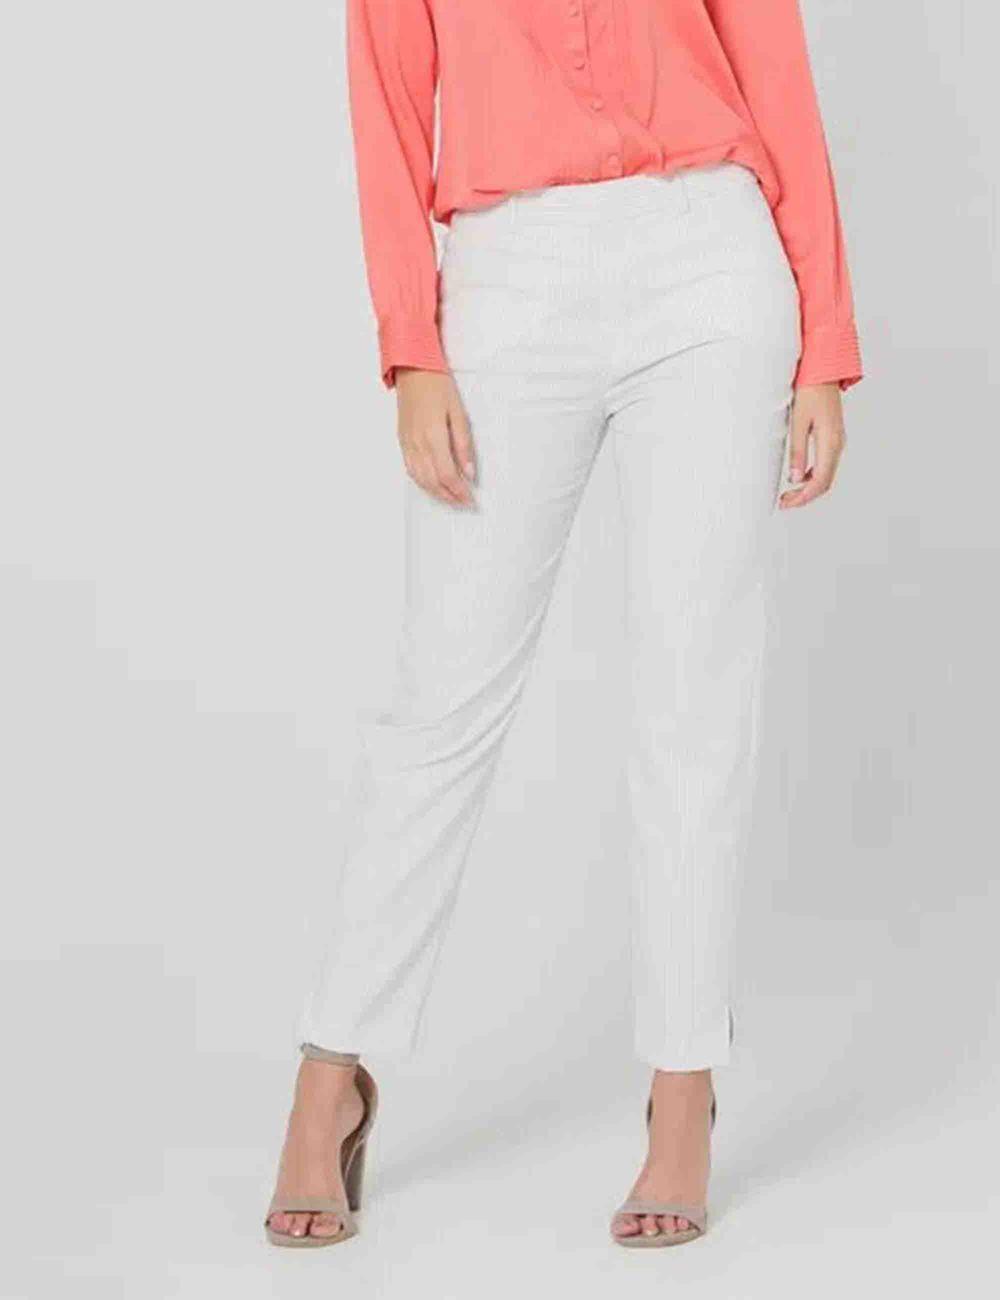 Pantalon Tela Mujer Esprit En Sie7e Novomodecol